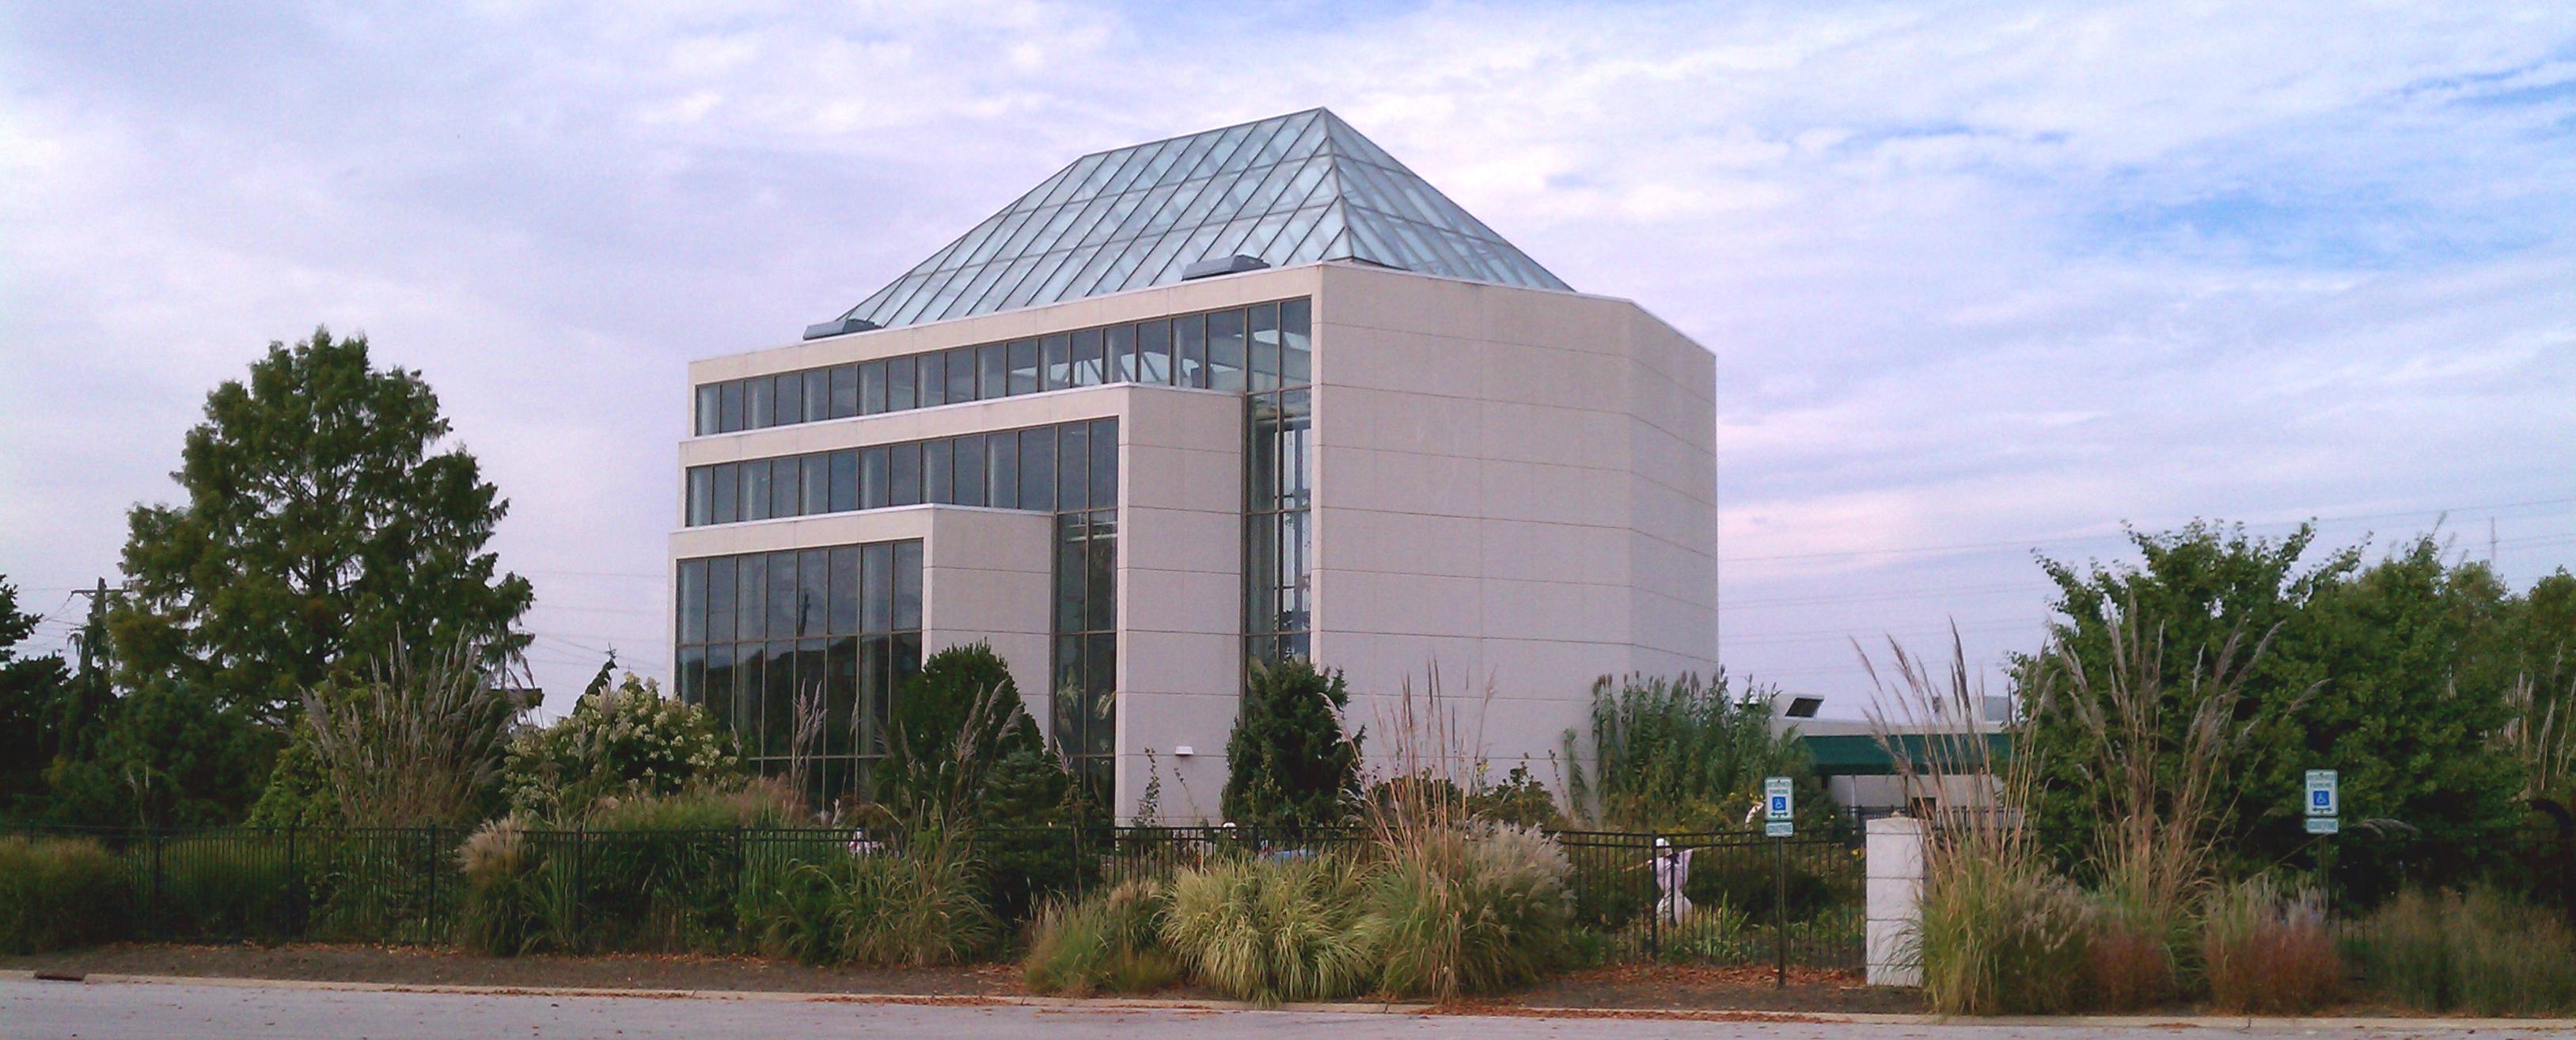 Quad City Botanical Center (2011)